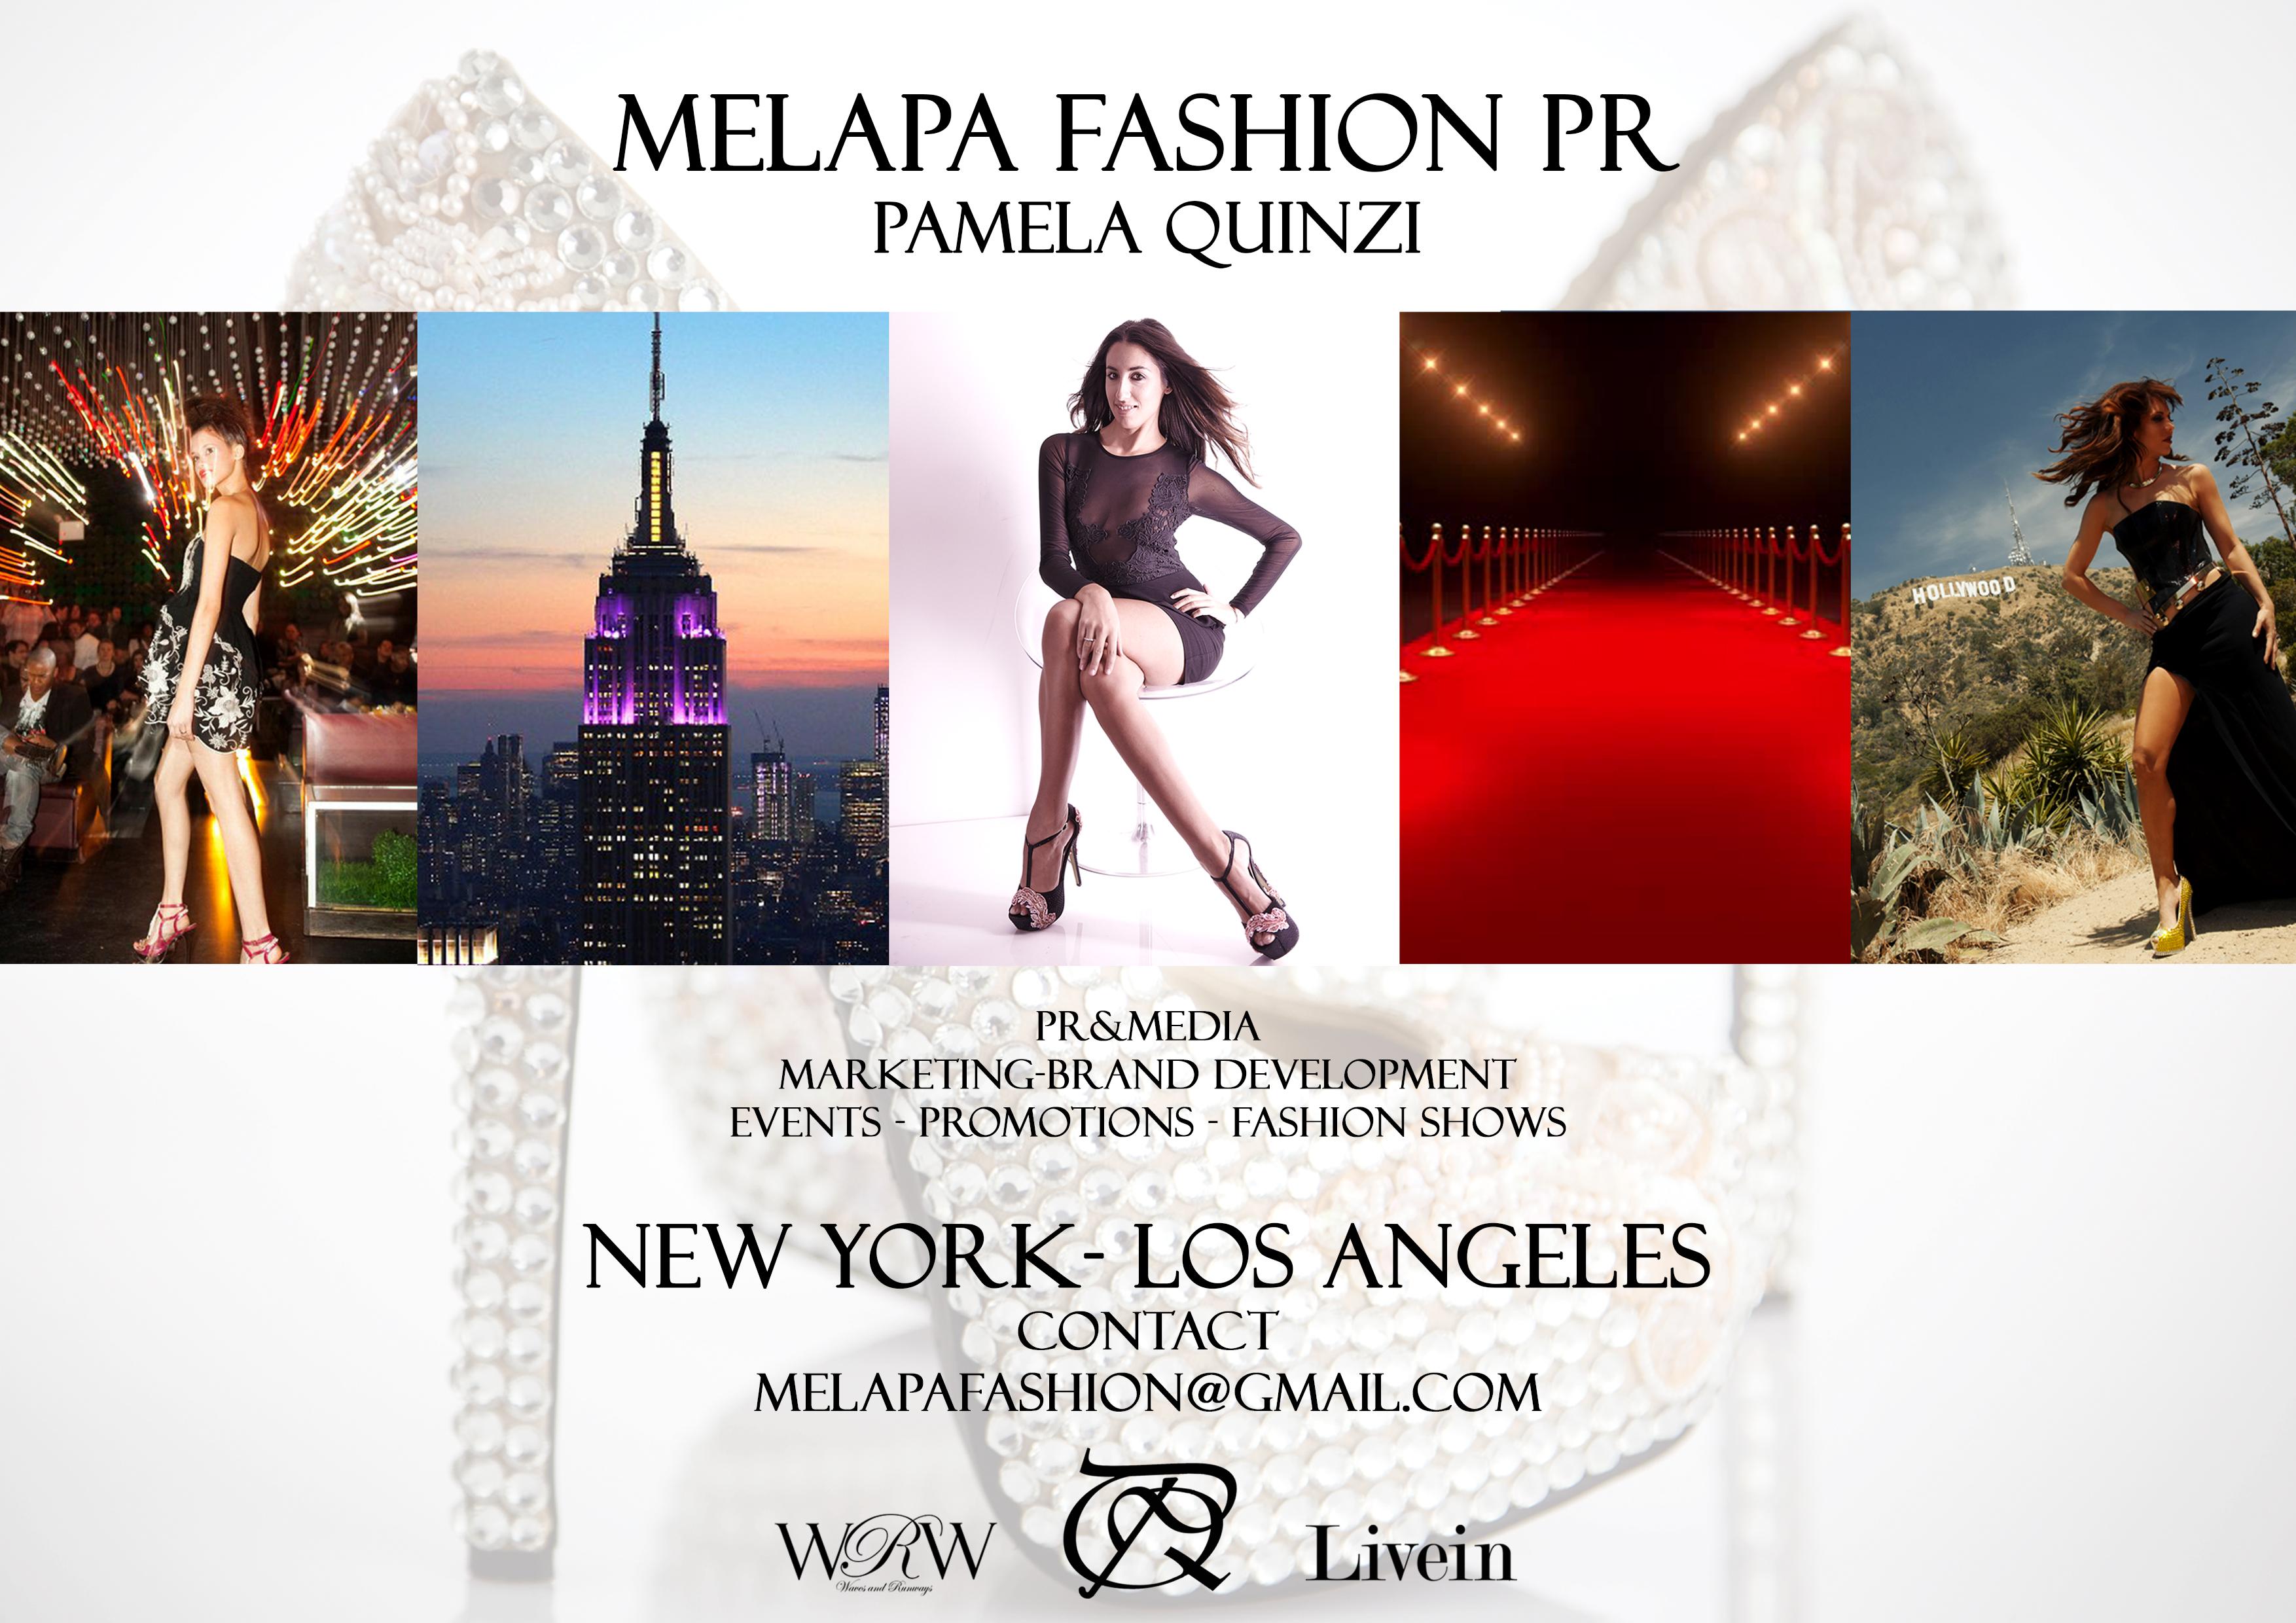 Melapa Fashion NEWS!